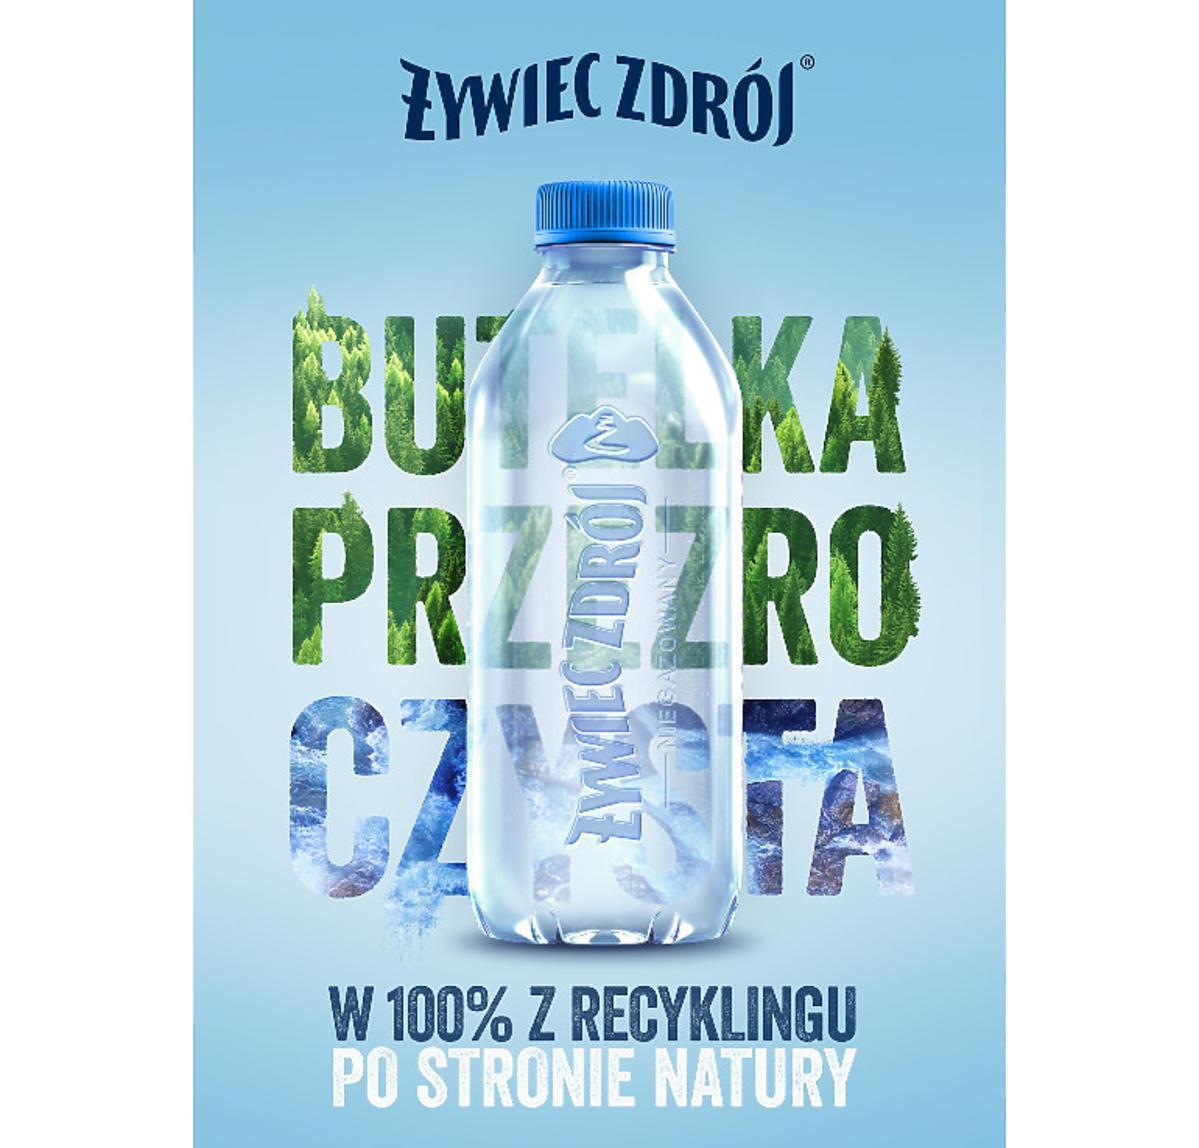 butelka-zywiec-zdroj